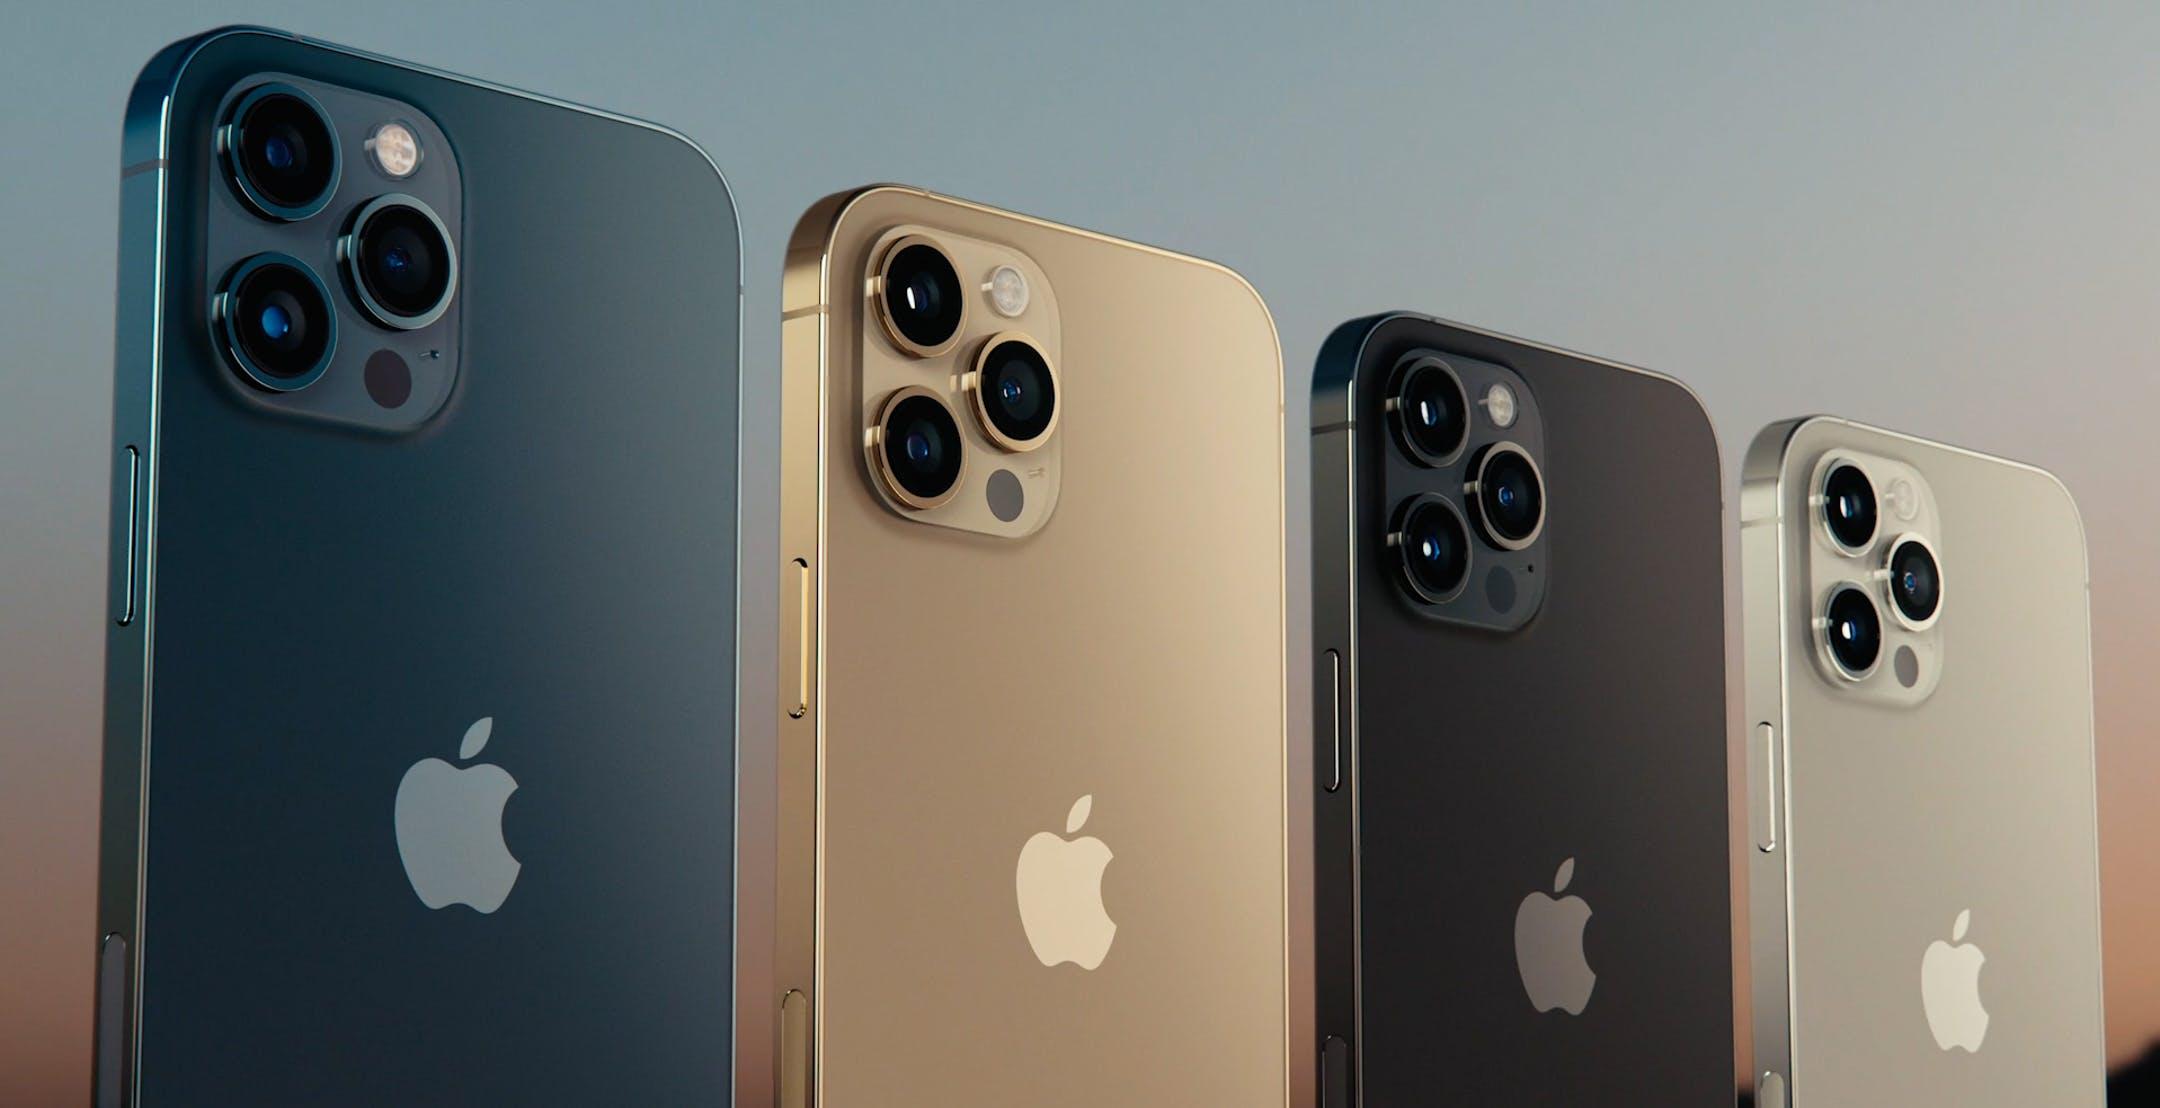 iPhone 12 Pro e iPhone 12 Pro Max ufficiali: 5G, schermo più grande, fotocamera migliore ma stesso prezzo